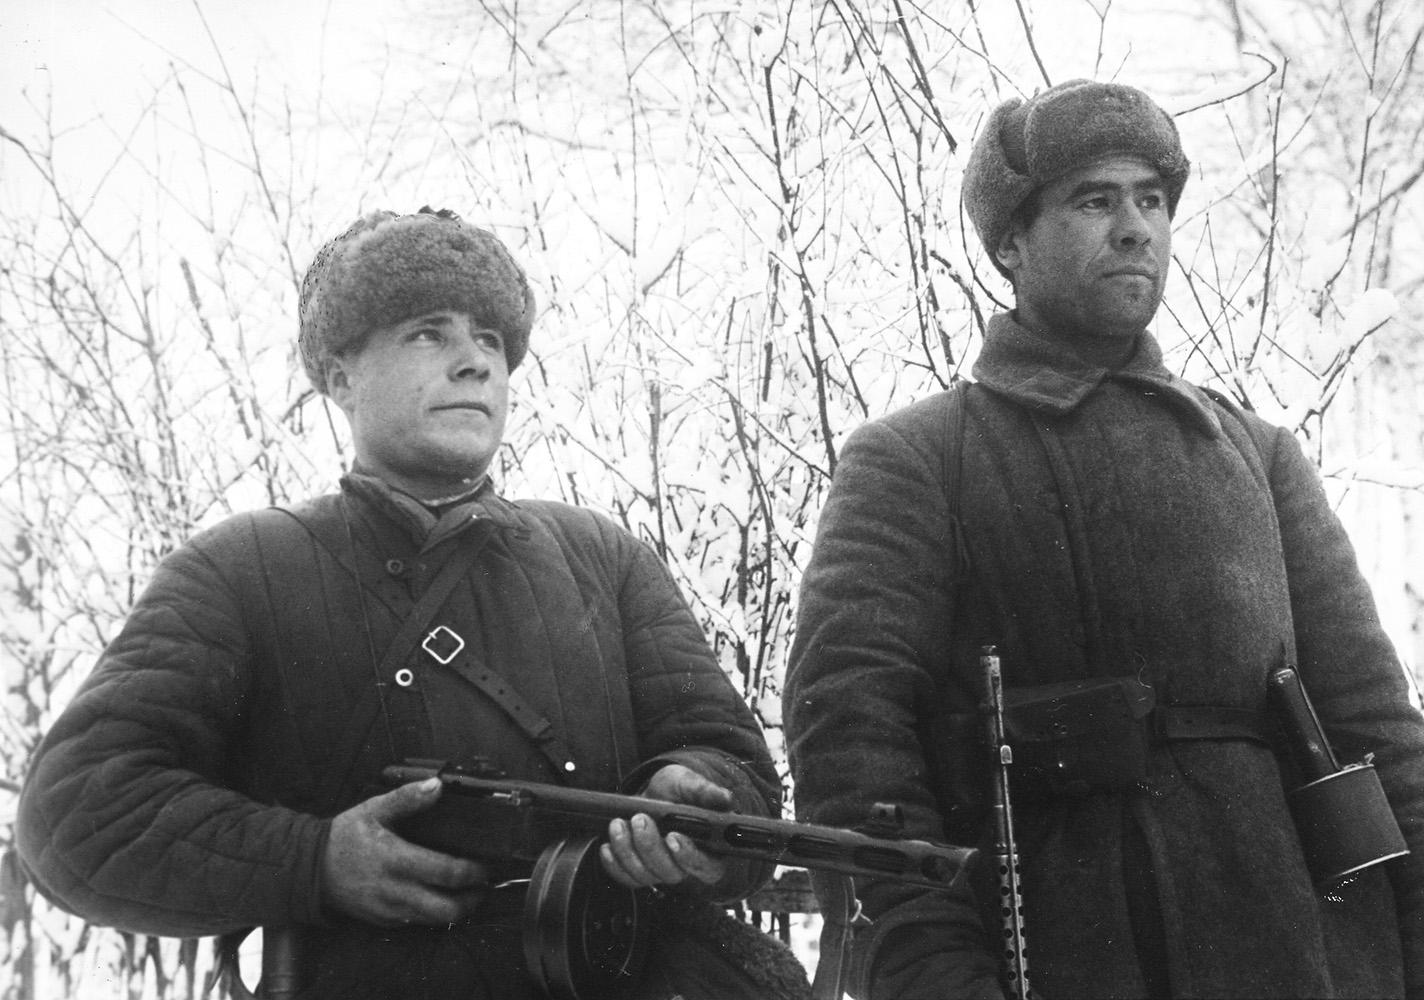 Солдат в шинели рядового состава РККА.